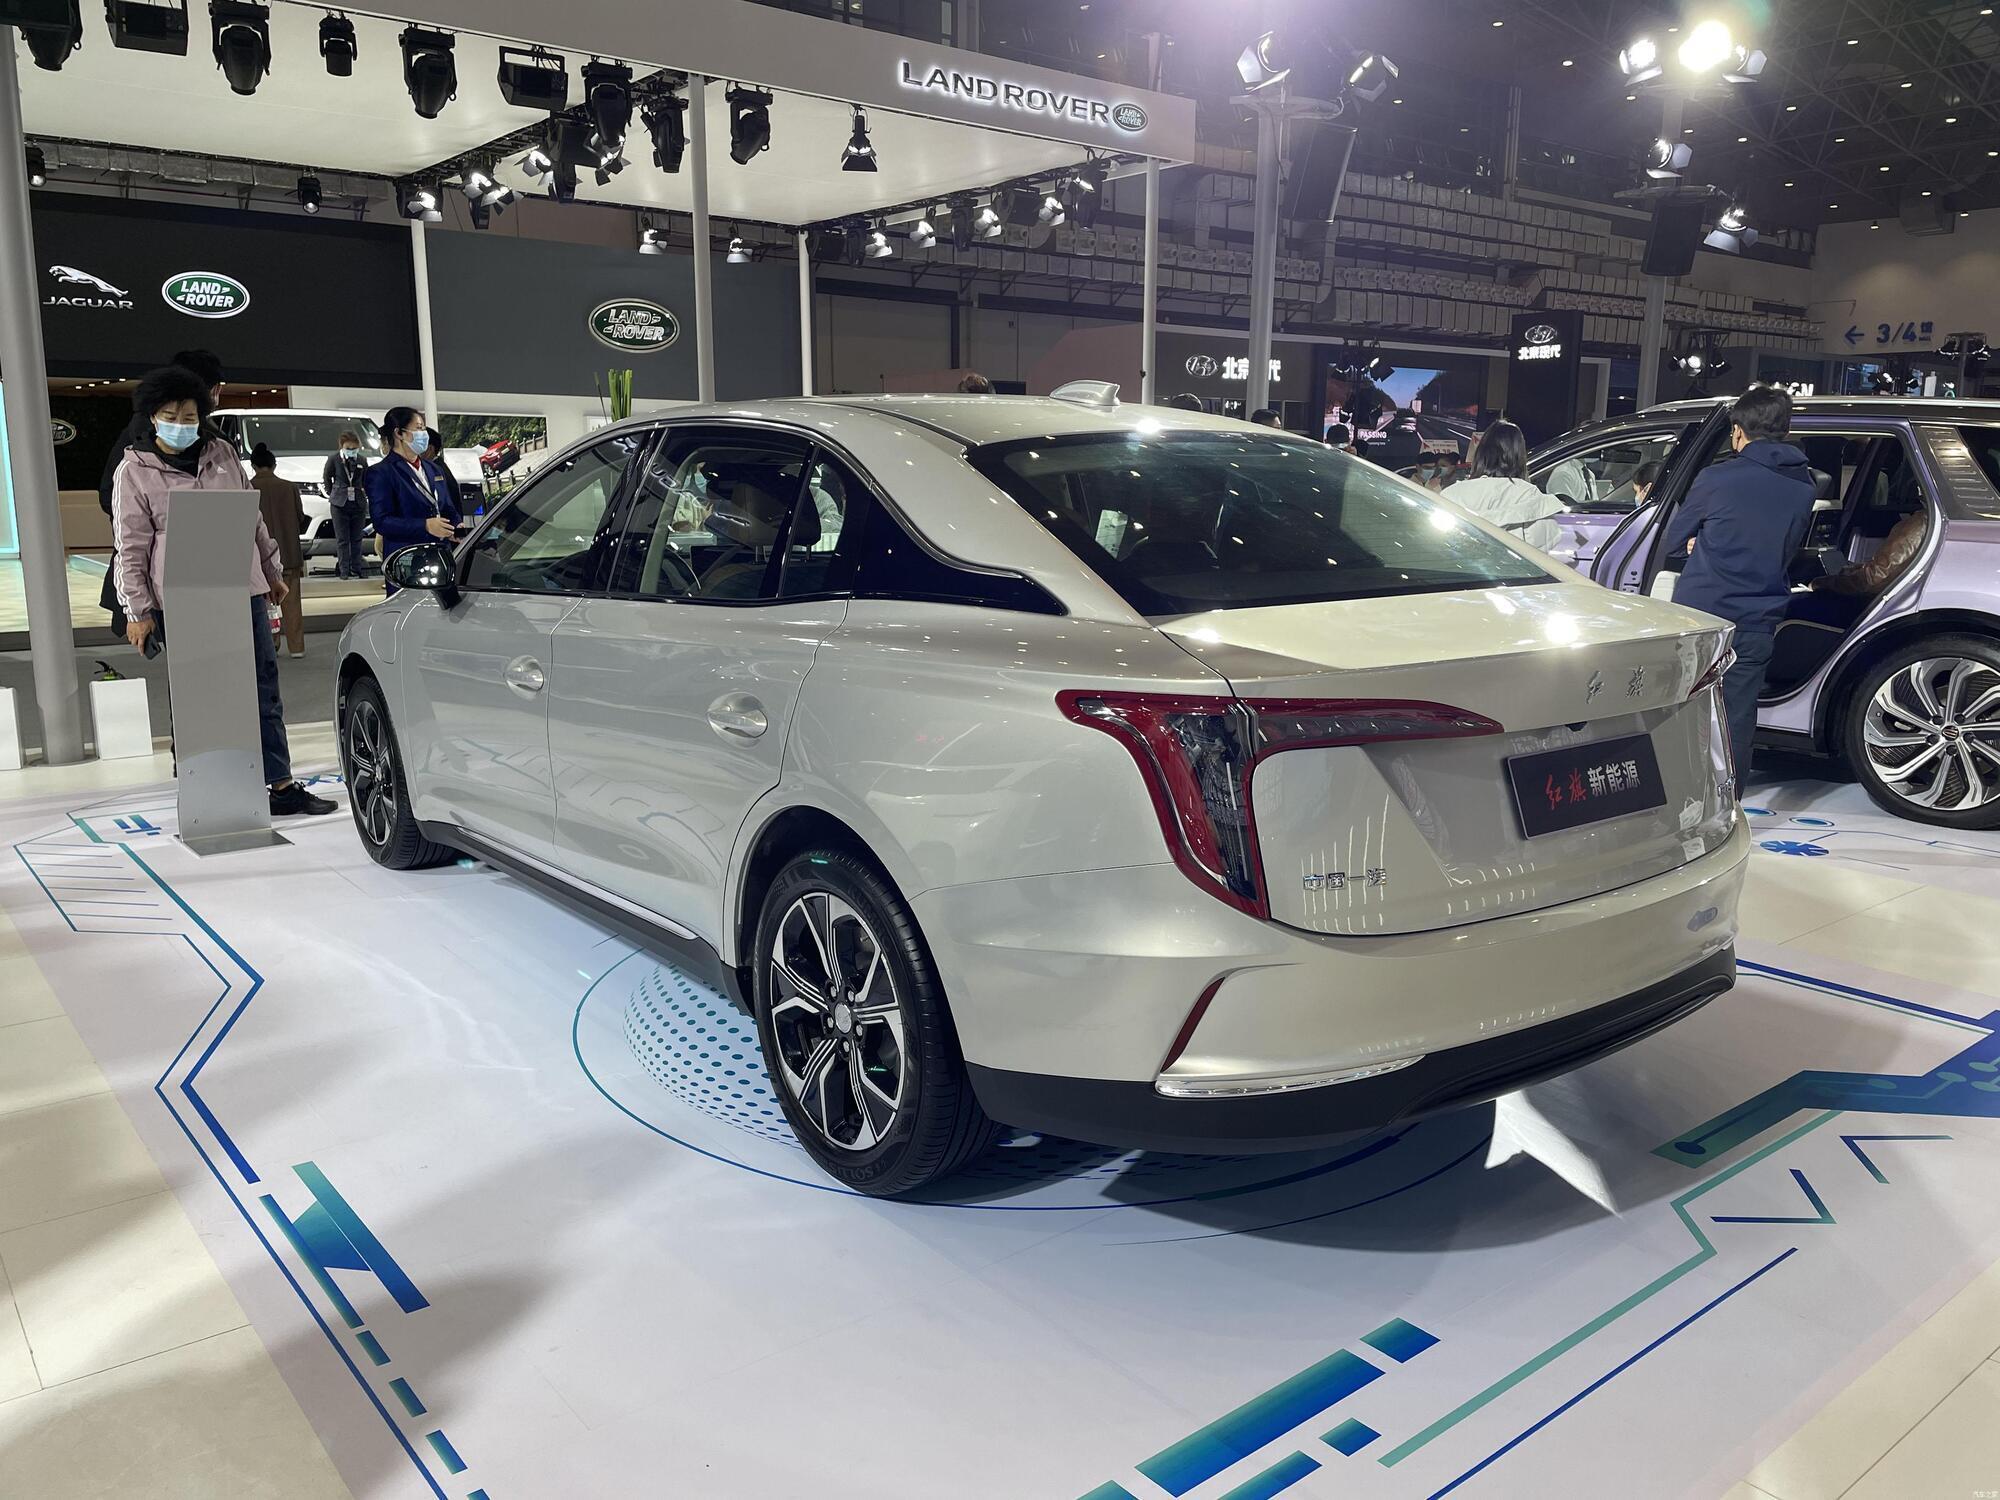 Автомобіль посяде нижню сходинку в ієрархії престижного бренду